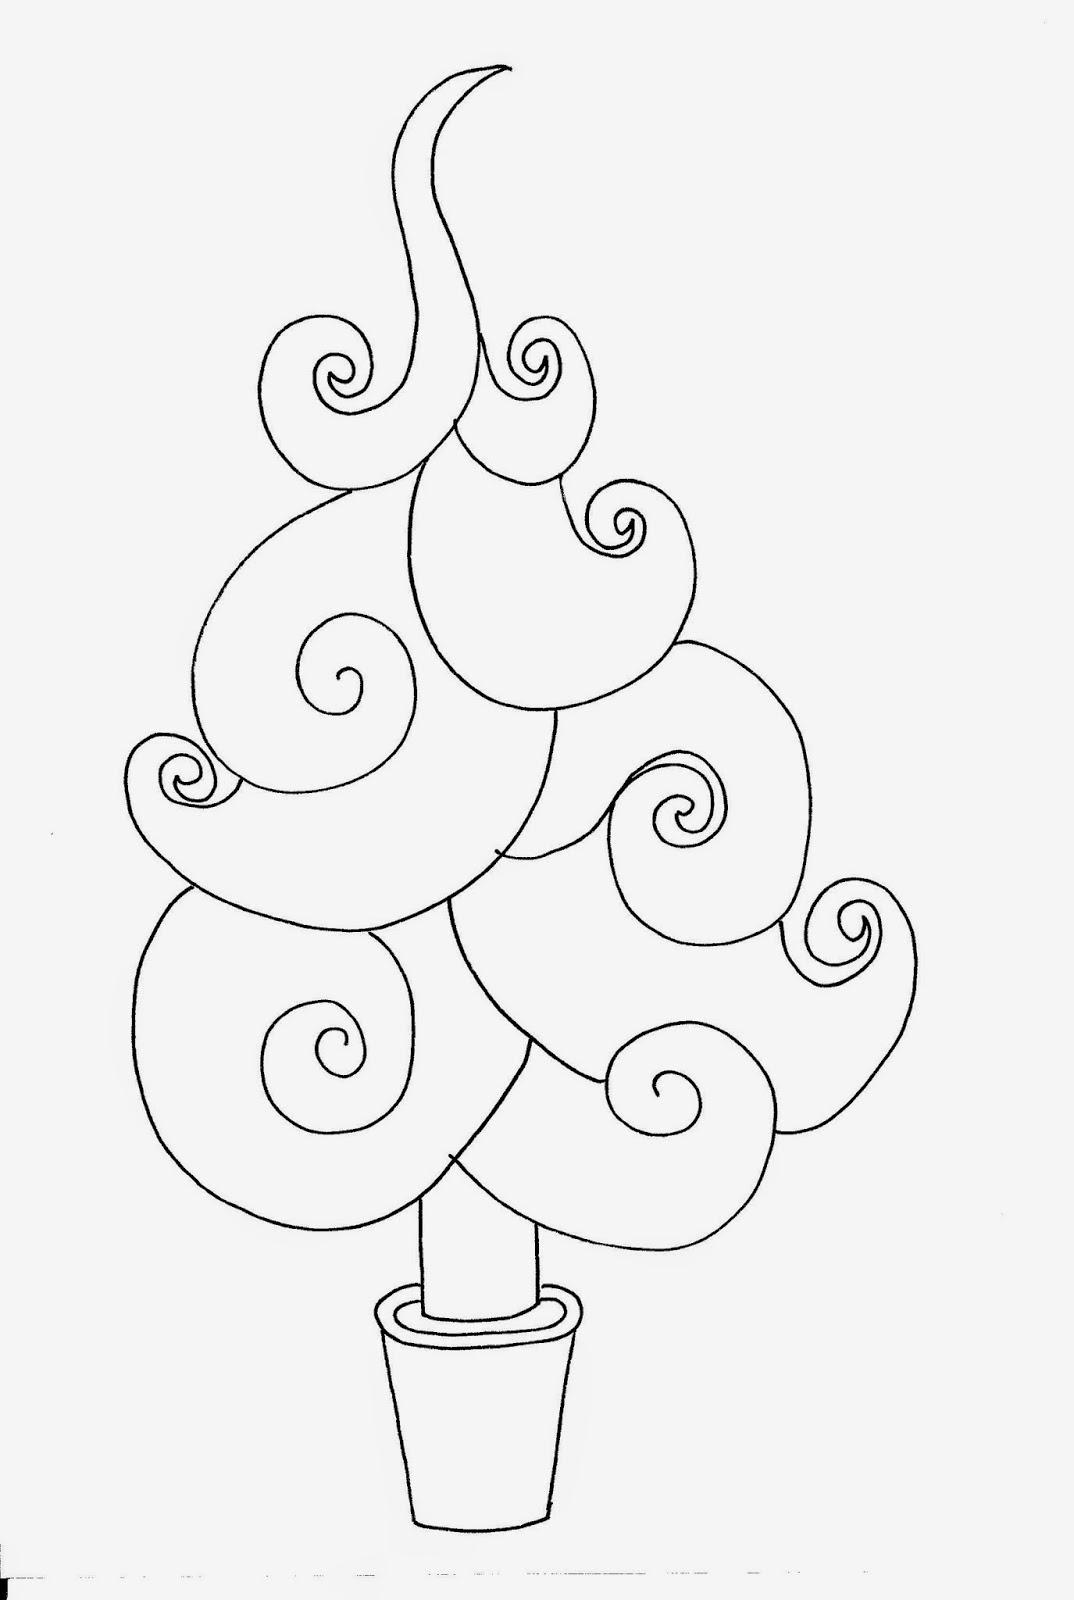 #484848 Meget bedømt Alt Om Julen Opskrifter DIY Traditioner Eventyr Sange Og Julehygge I Lan  Gør Det Selv Til Og Fra Kort 6179 107416006179